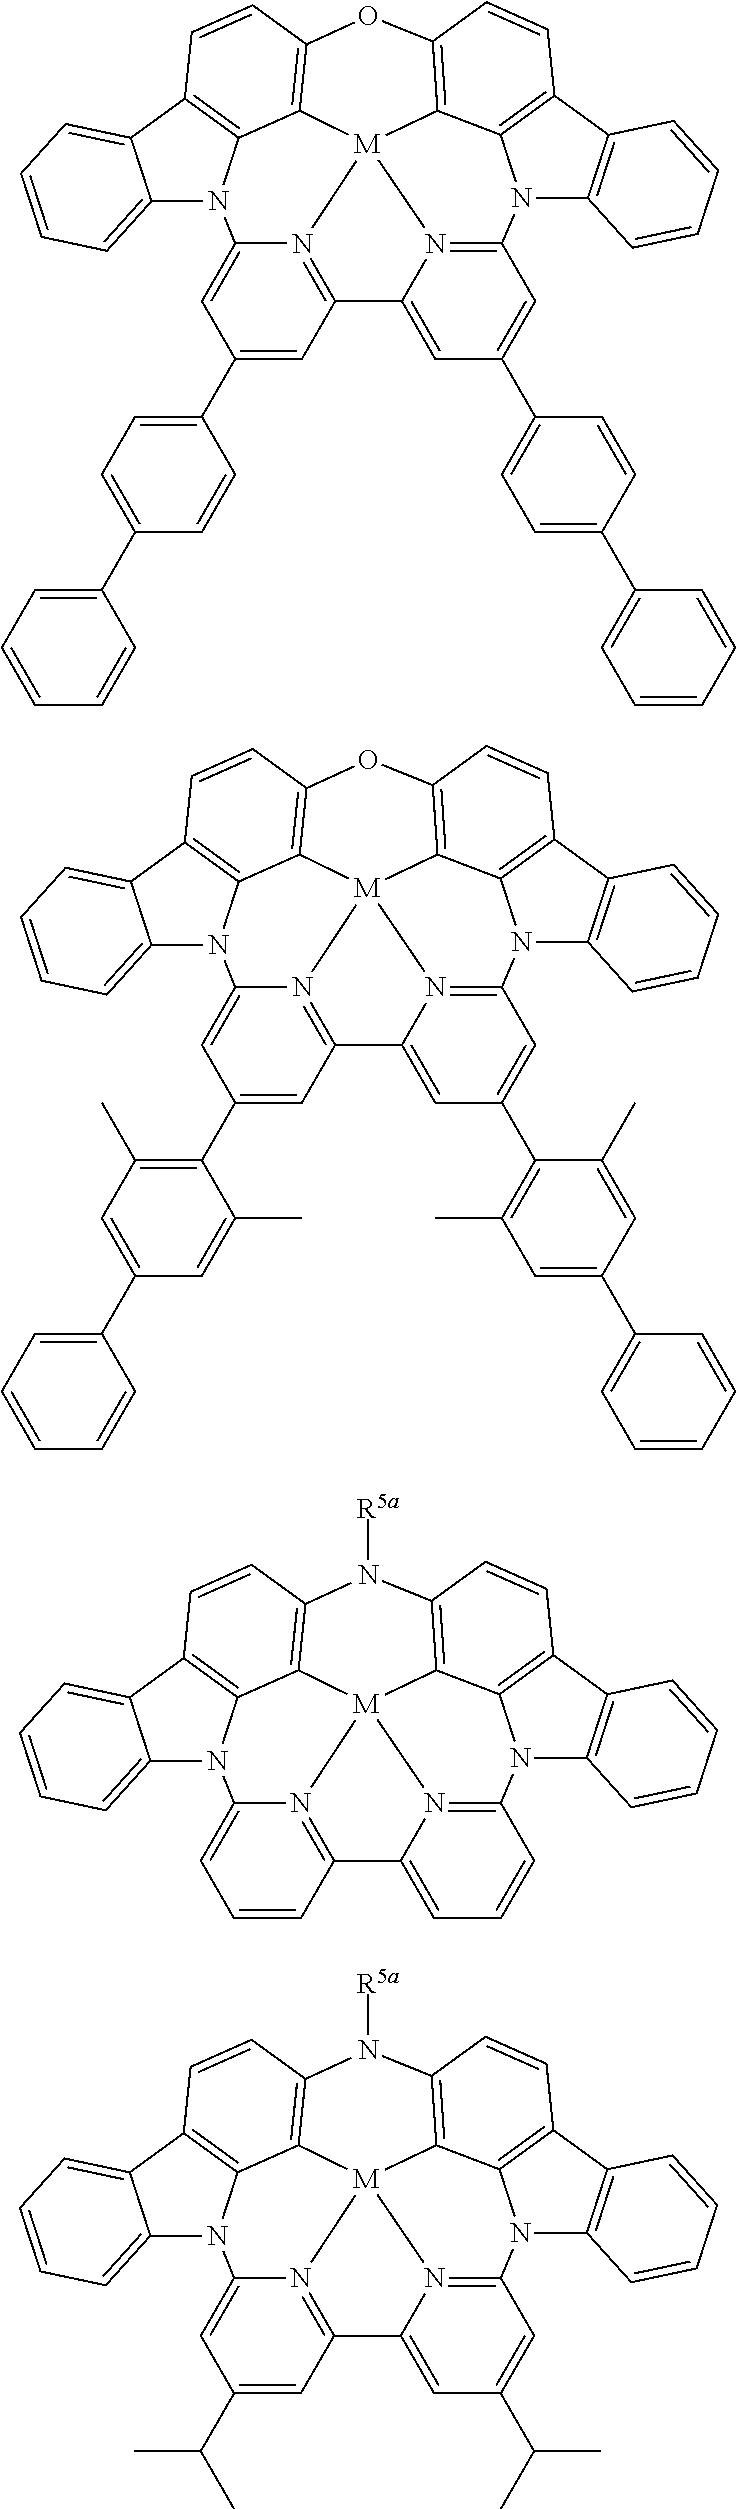 Figure US10158091-20181218-C00068